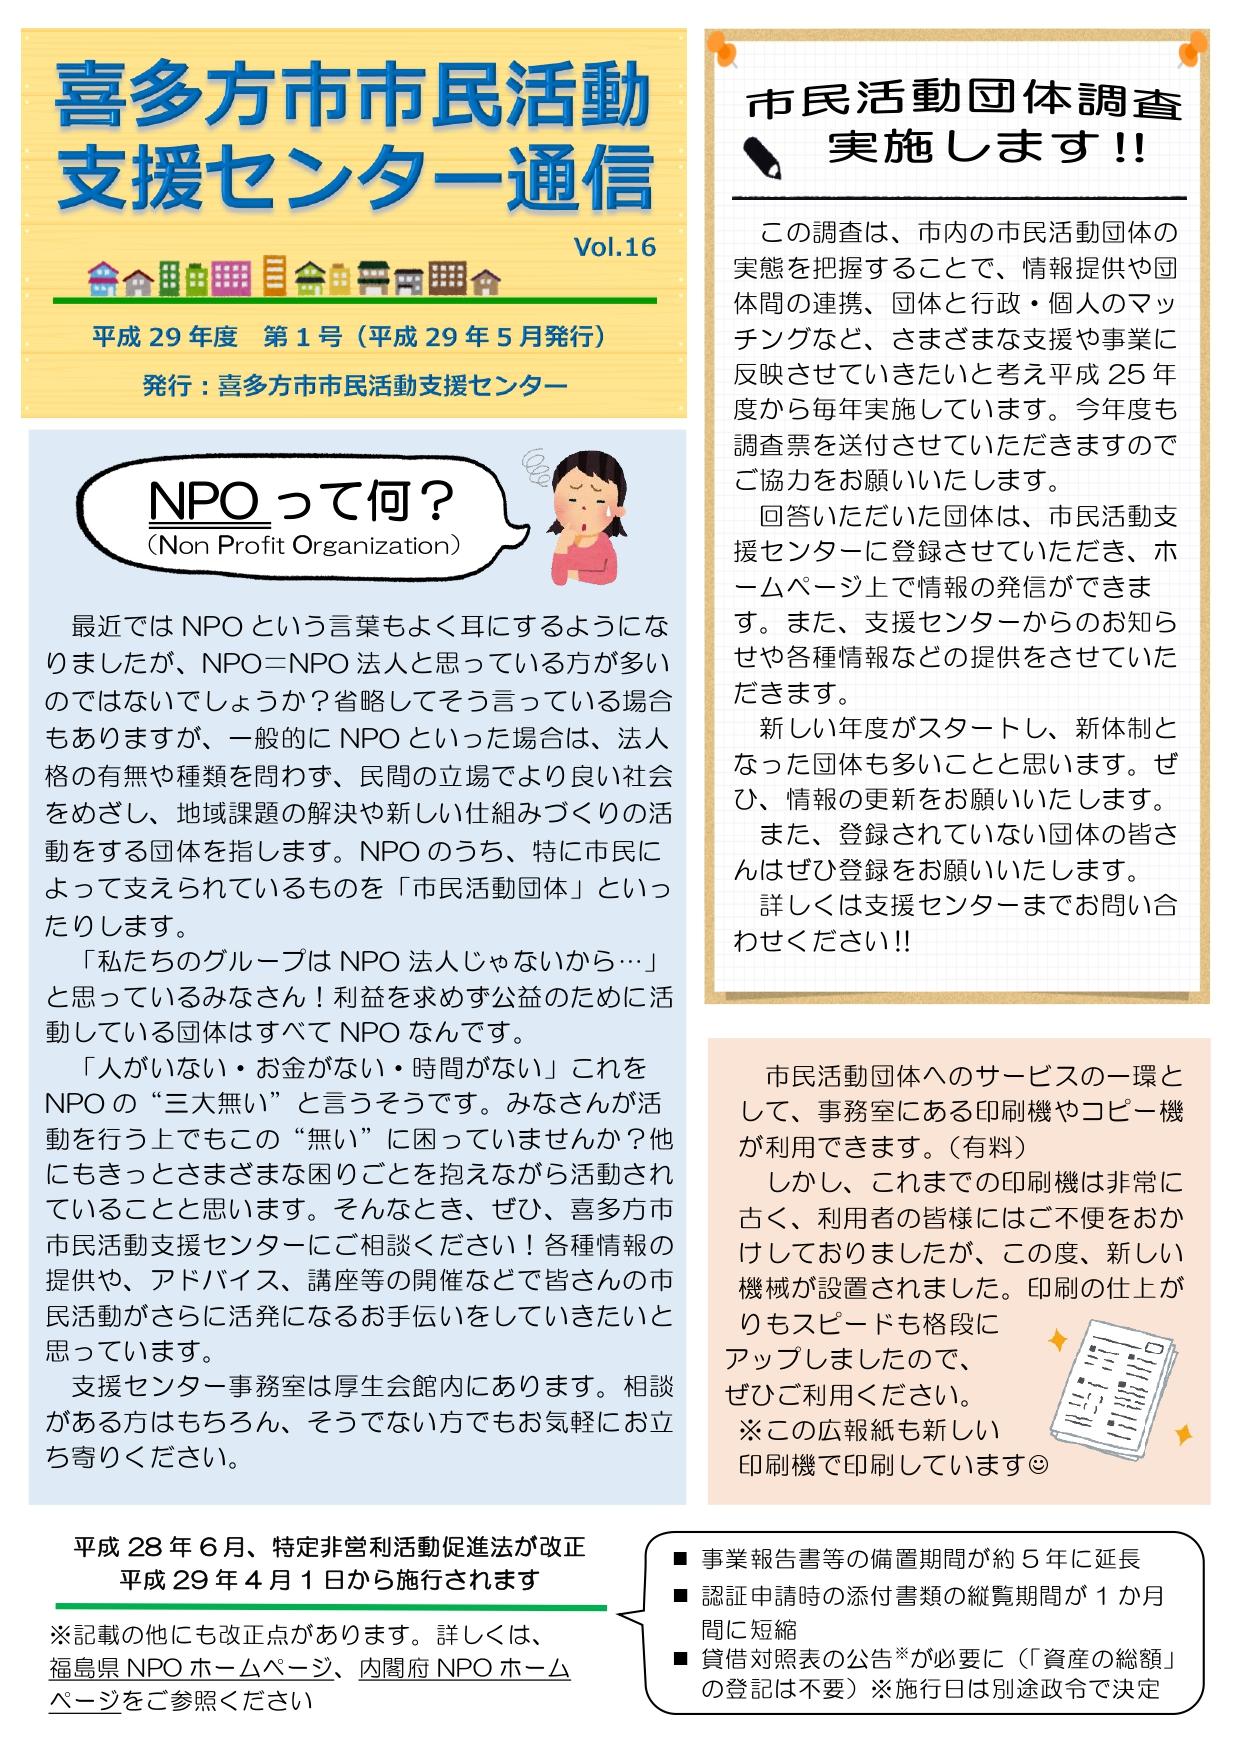 喜多方市市民活動支援センター通信 平成29年度第1号(Vol.16)